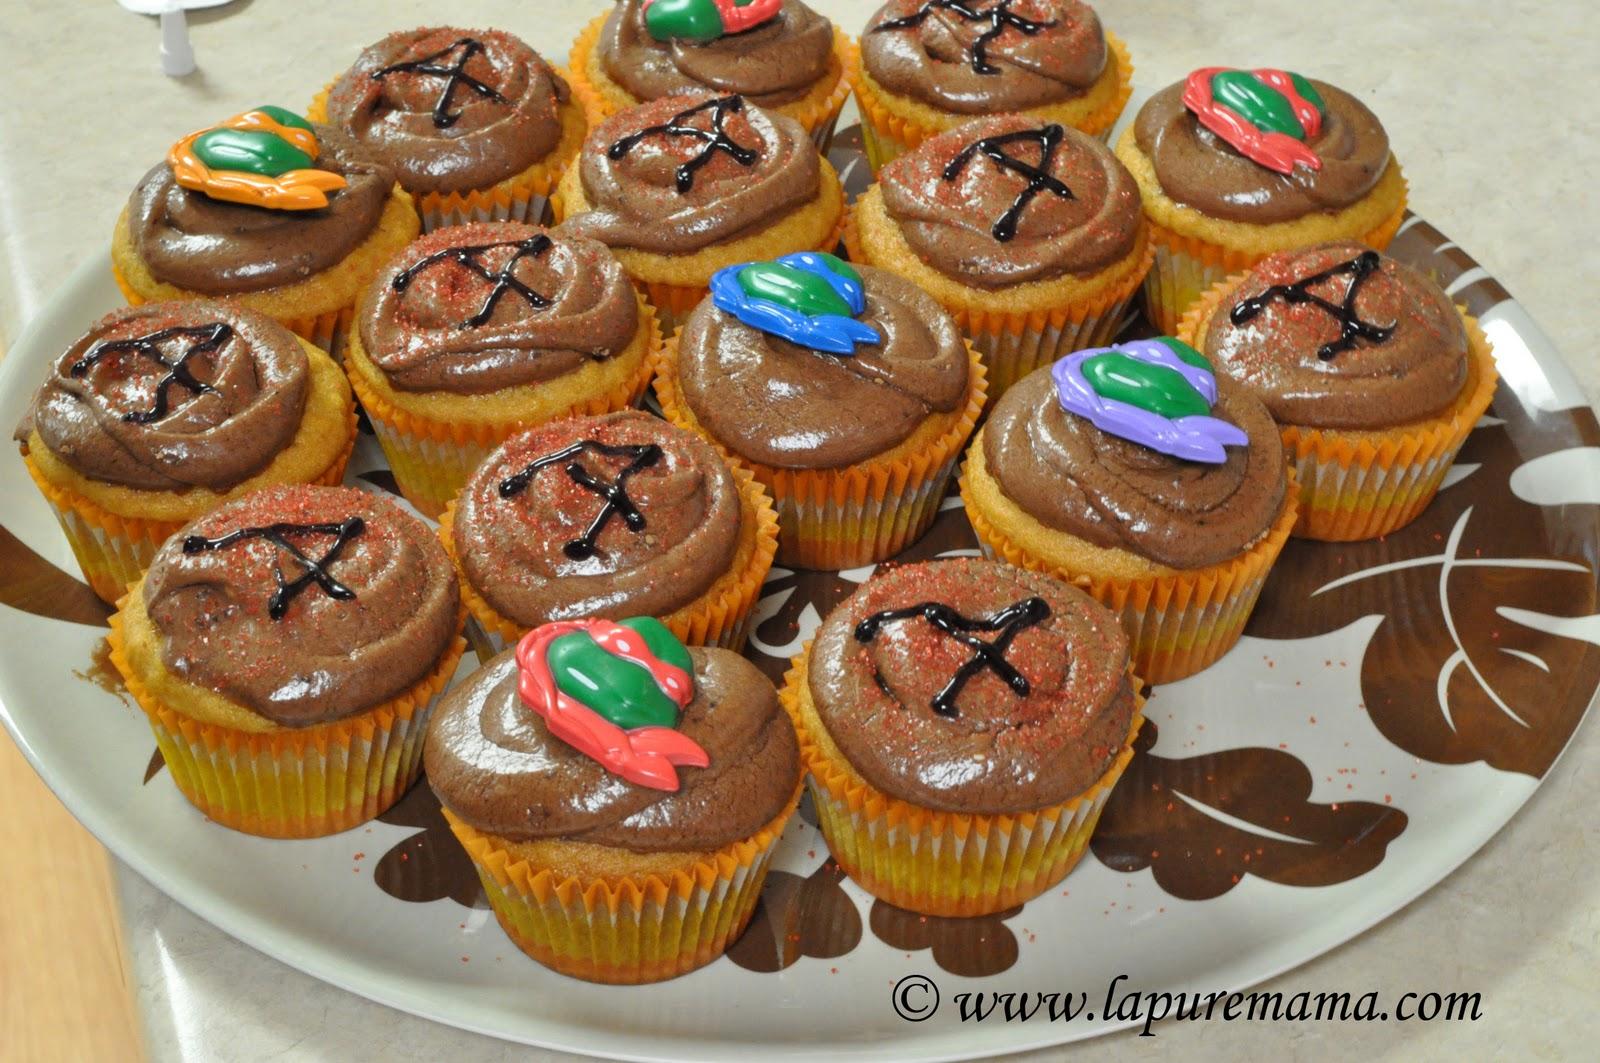 http://2.bp.blogspot.com/_zjcEYsqMKgM/TUc8vITl9WI/AAAAAAAADEM/3CZRnzV4BpM/s1600/perfect+cupcakes+copy.jpg